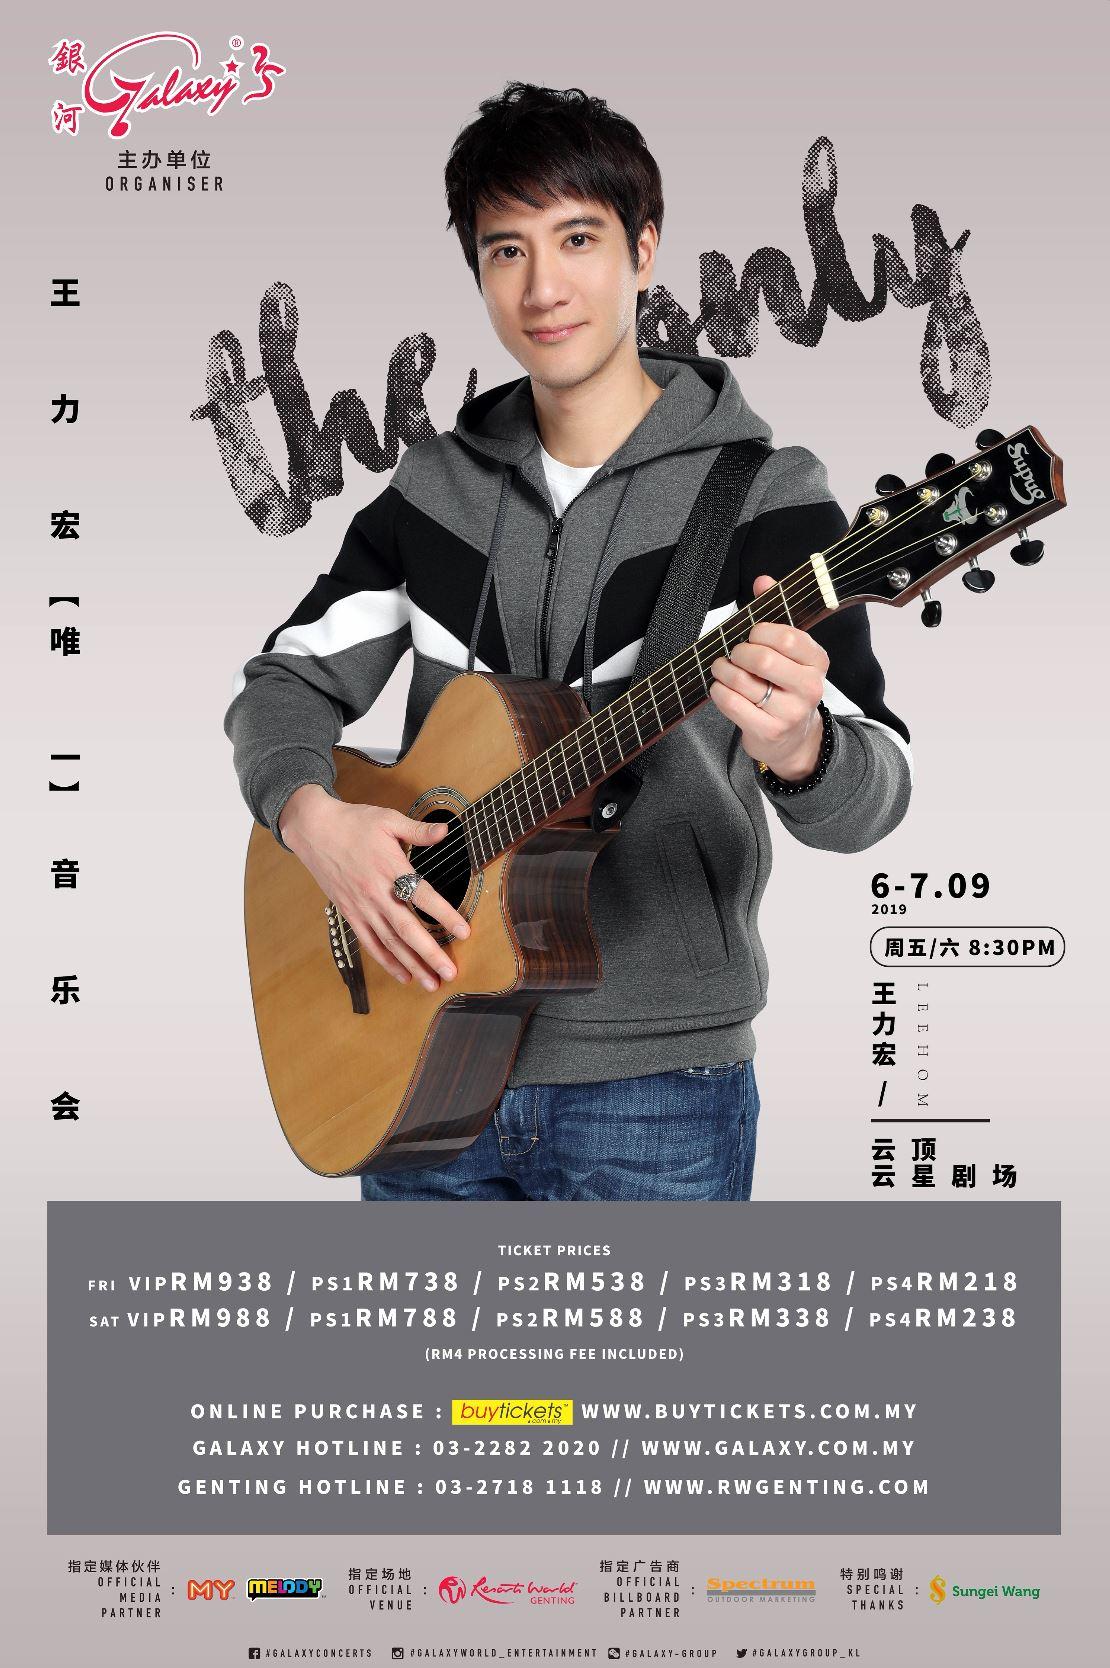 王力宏要来啦!全世界唯一音乐会献给马来西亚粉丝